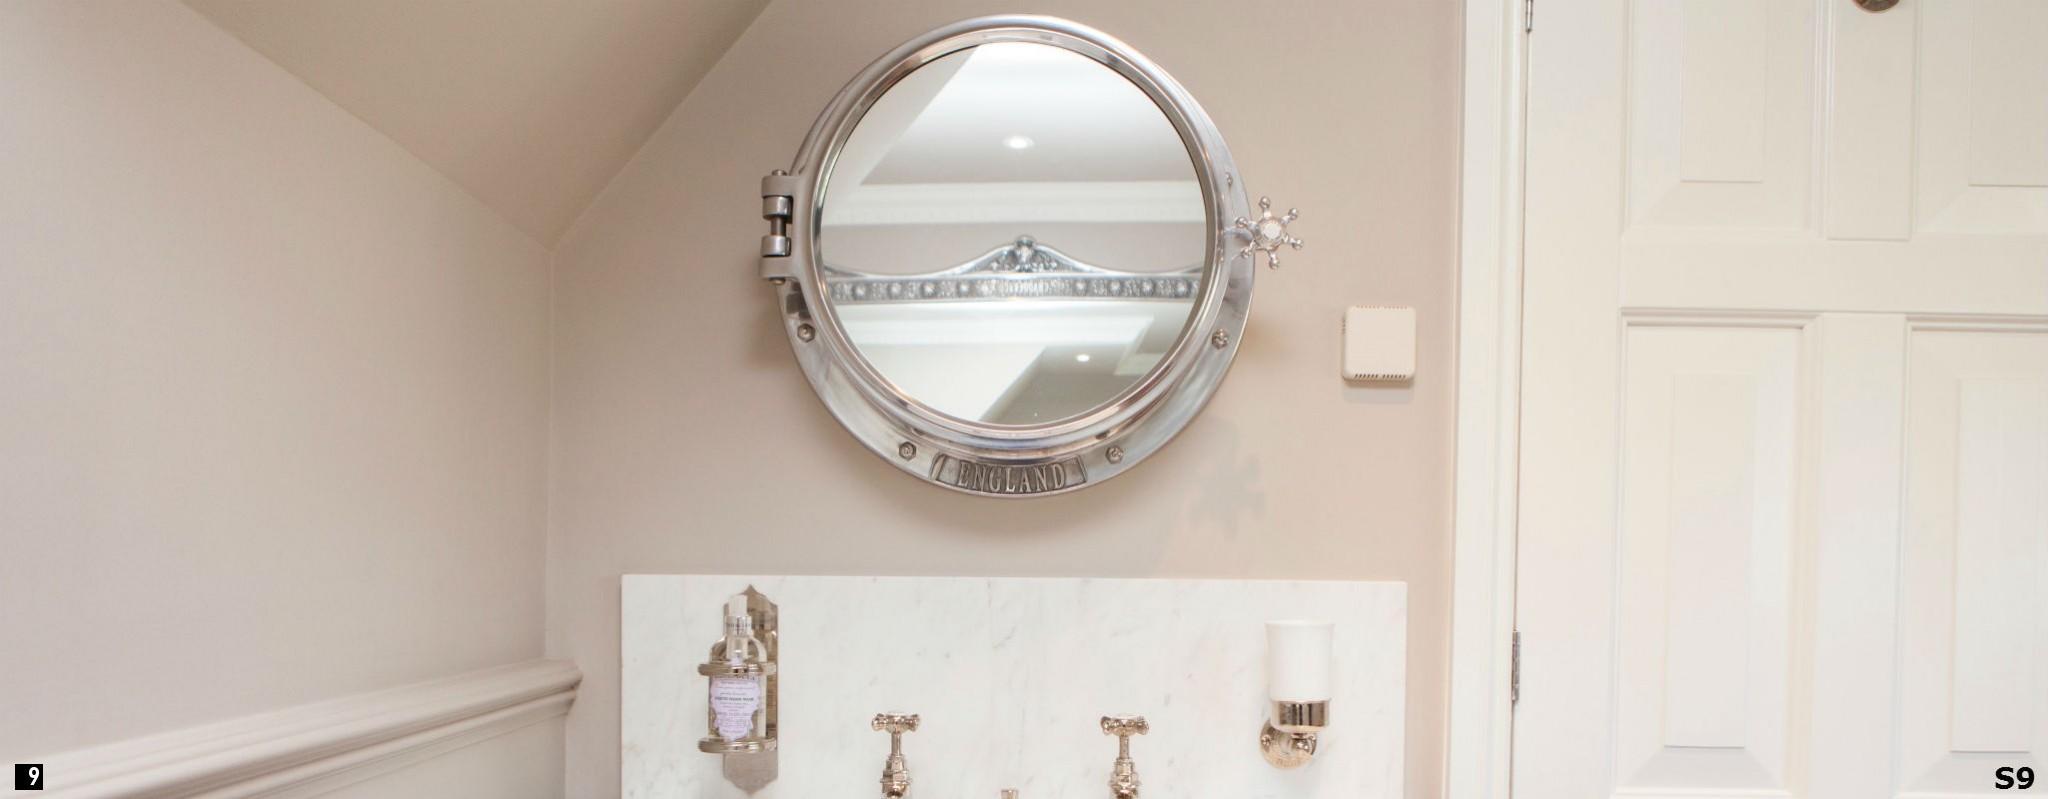 Porthole Mirror Cabinet , Porthole , Porthole Mirror , Porthole Mirror in Bathroom , Bathroom Porthole